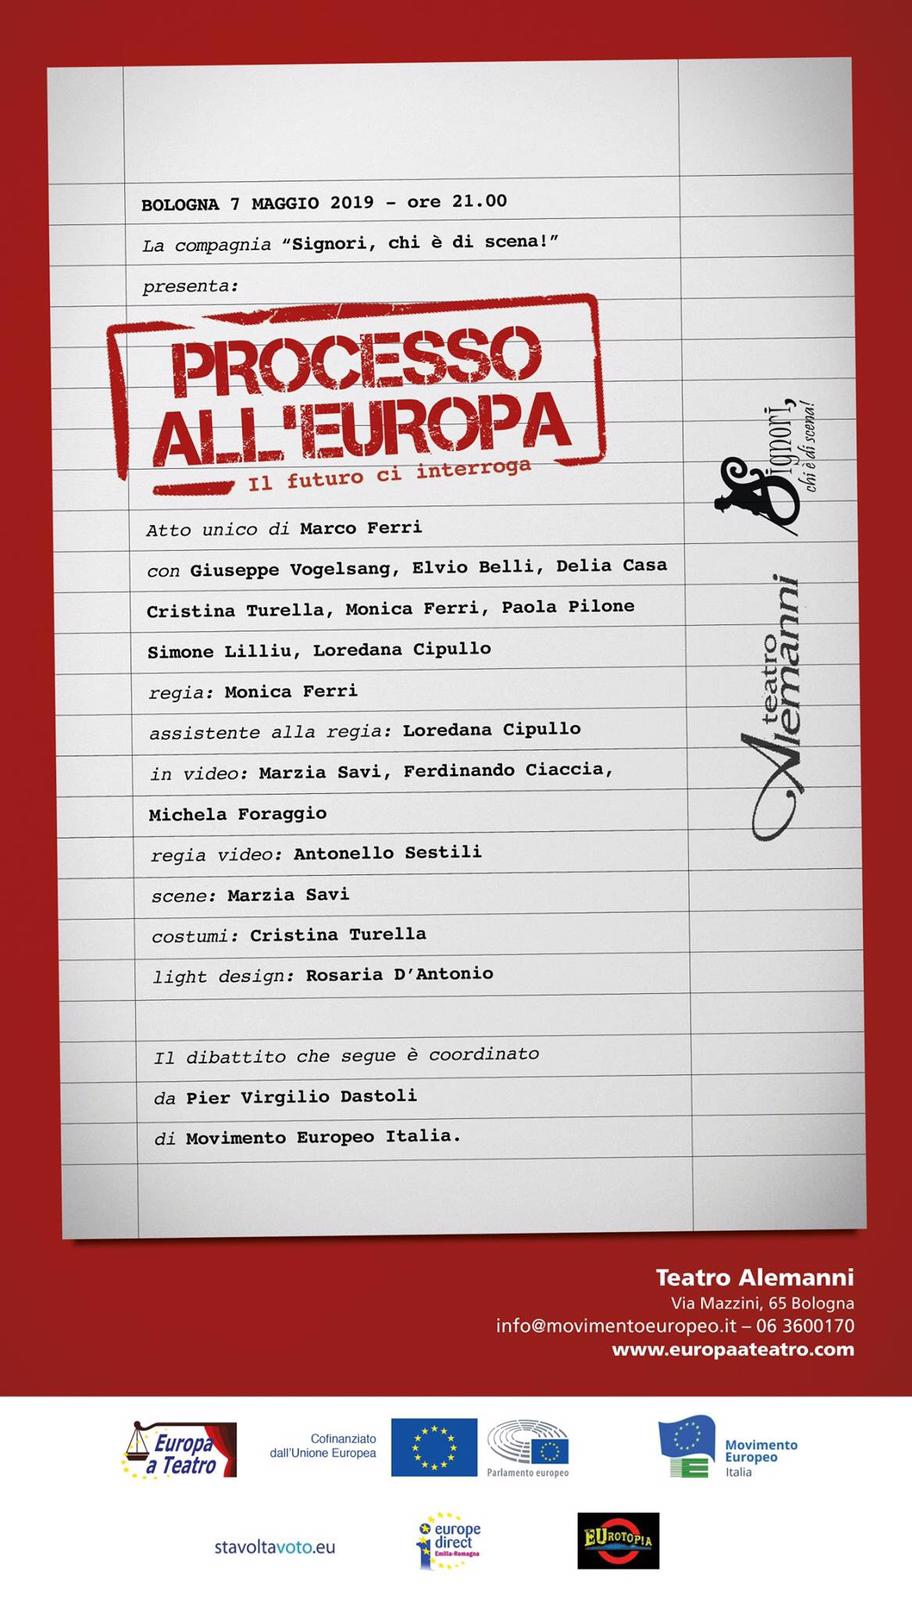 Processo all'europa - bologna